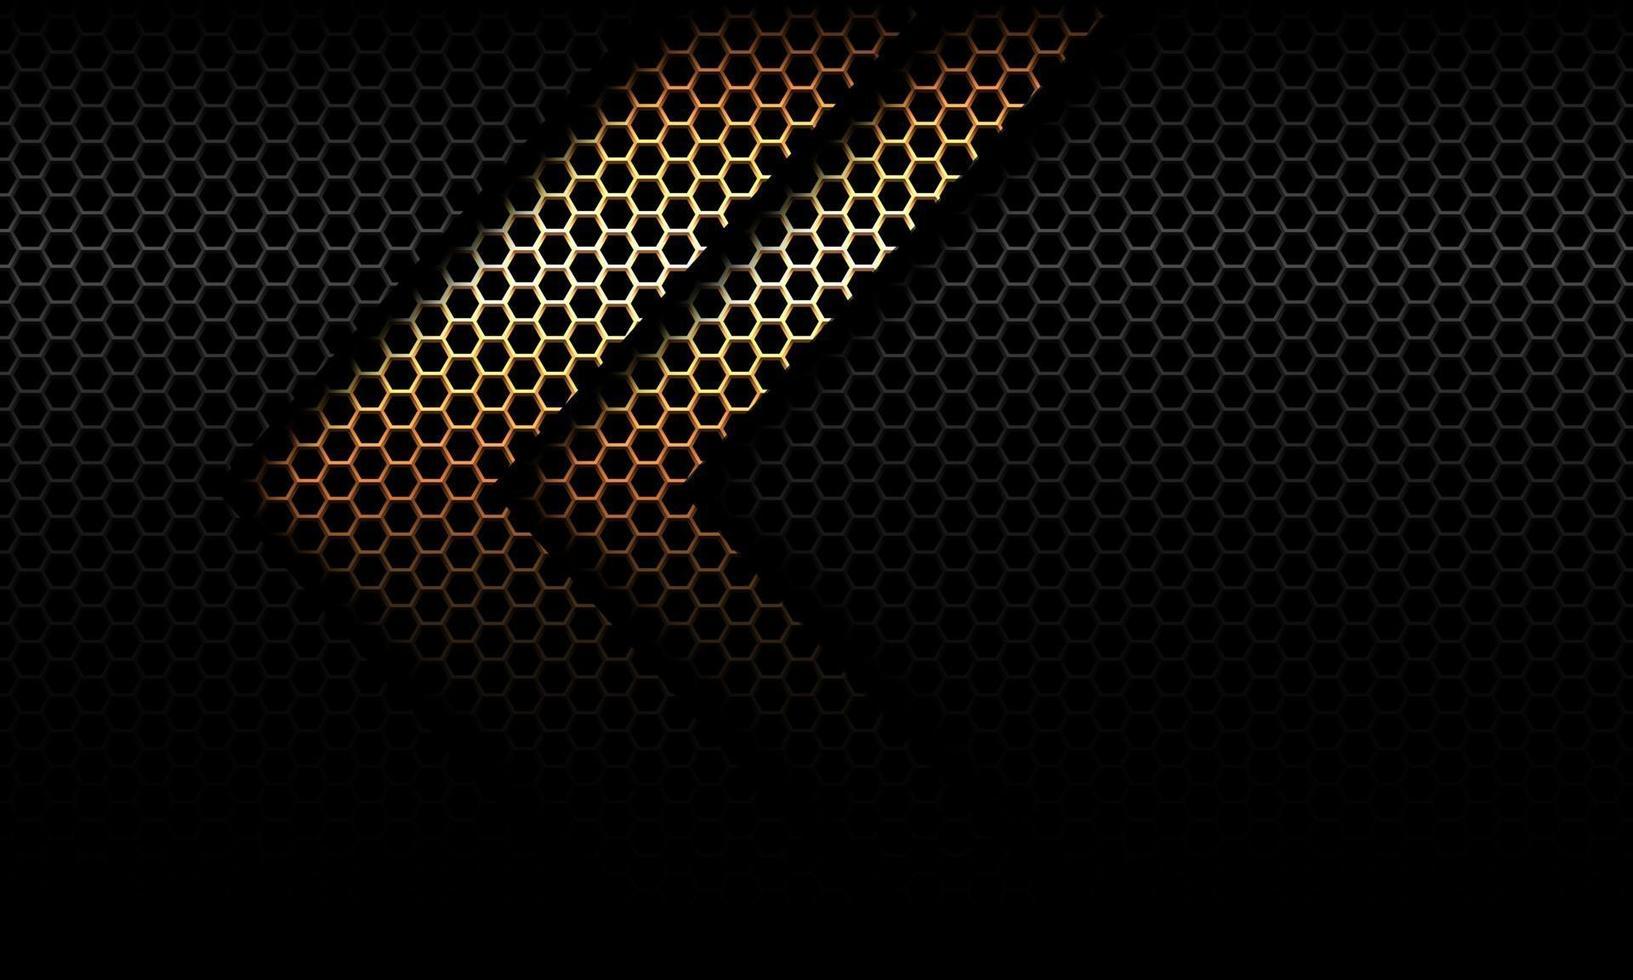 direção da sombra da seta dourada abstrata no hexágono preto mesh design ilustração vetorial moderno fundo futurista. vetor